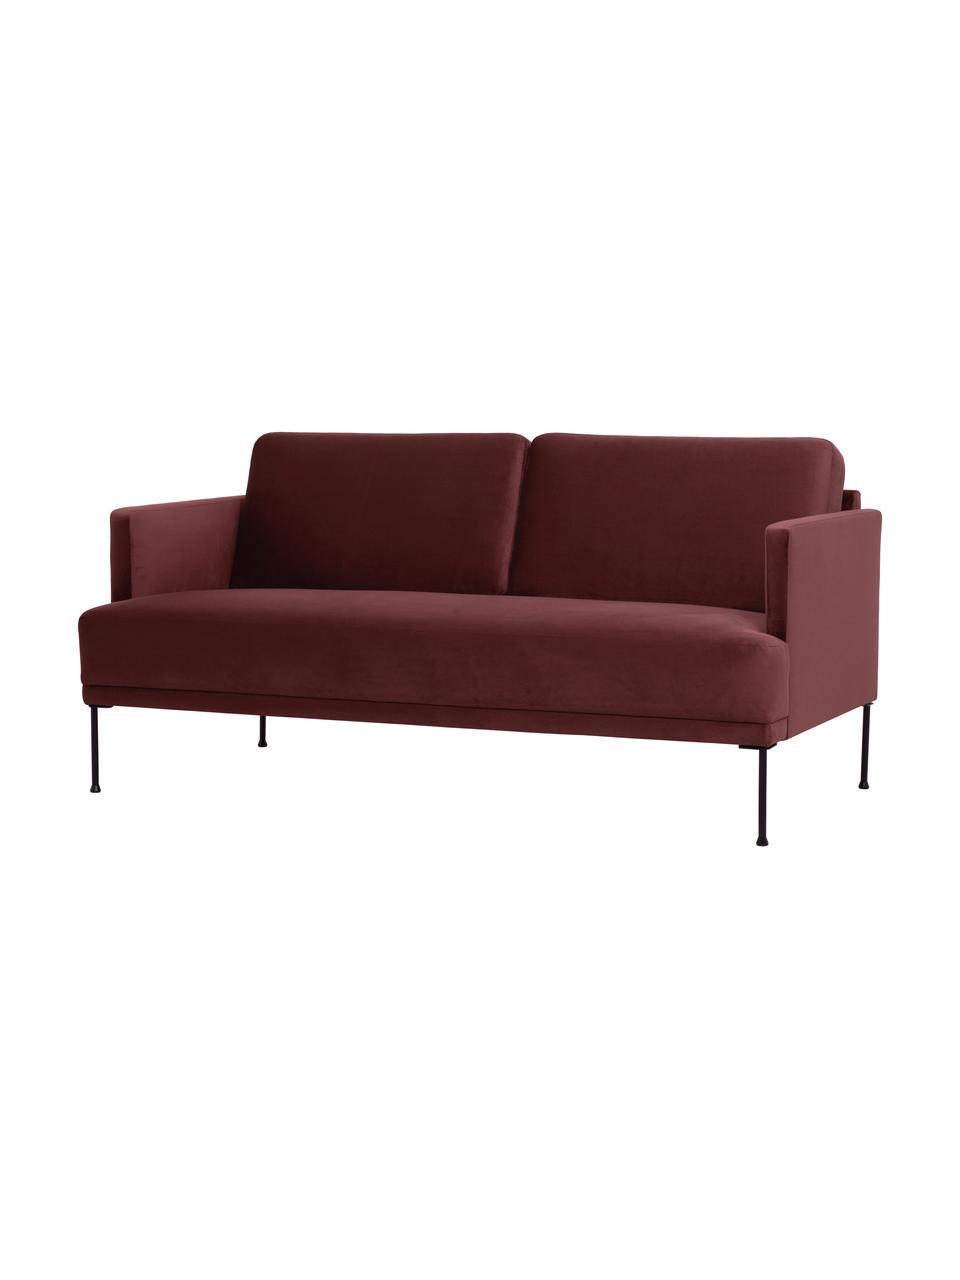 Sofa z aksamitu z metalowymi nogami Fluente (2-osobowa), Tapicerka: aksamit (wysokiej jakości, Stelaż: lite drewno sosnowe, Nogi: metal malowany proszkowo, Aksamitny rdzawoczerwony, S 166 x G 85 cm